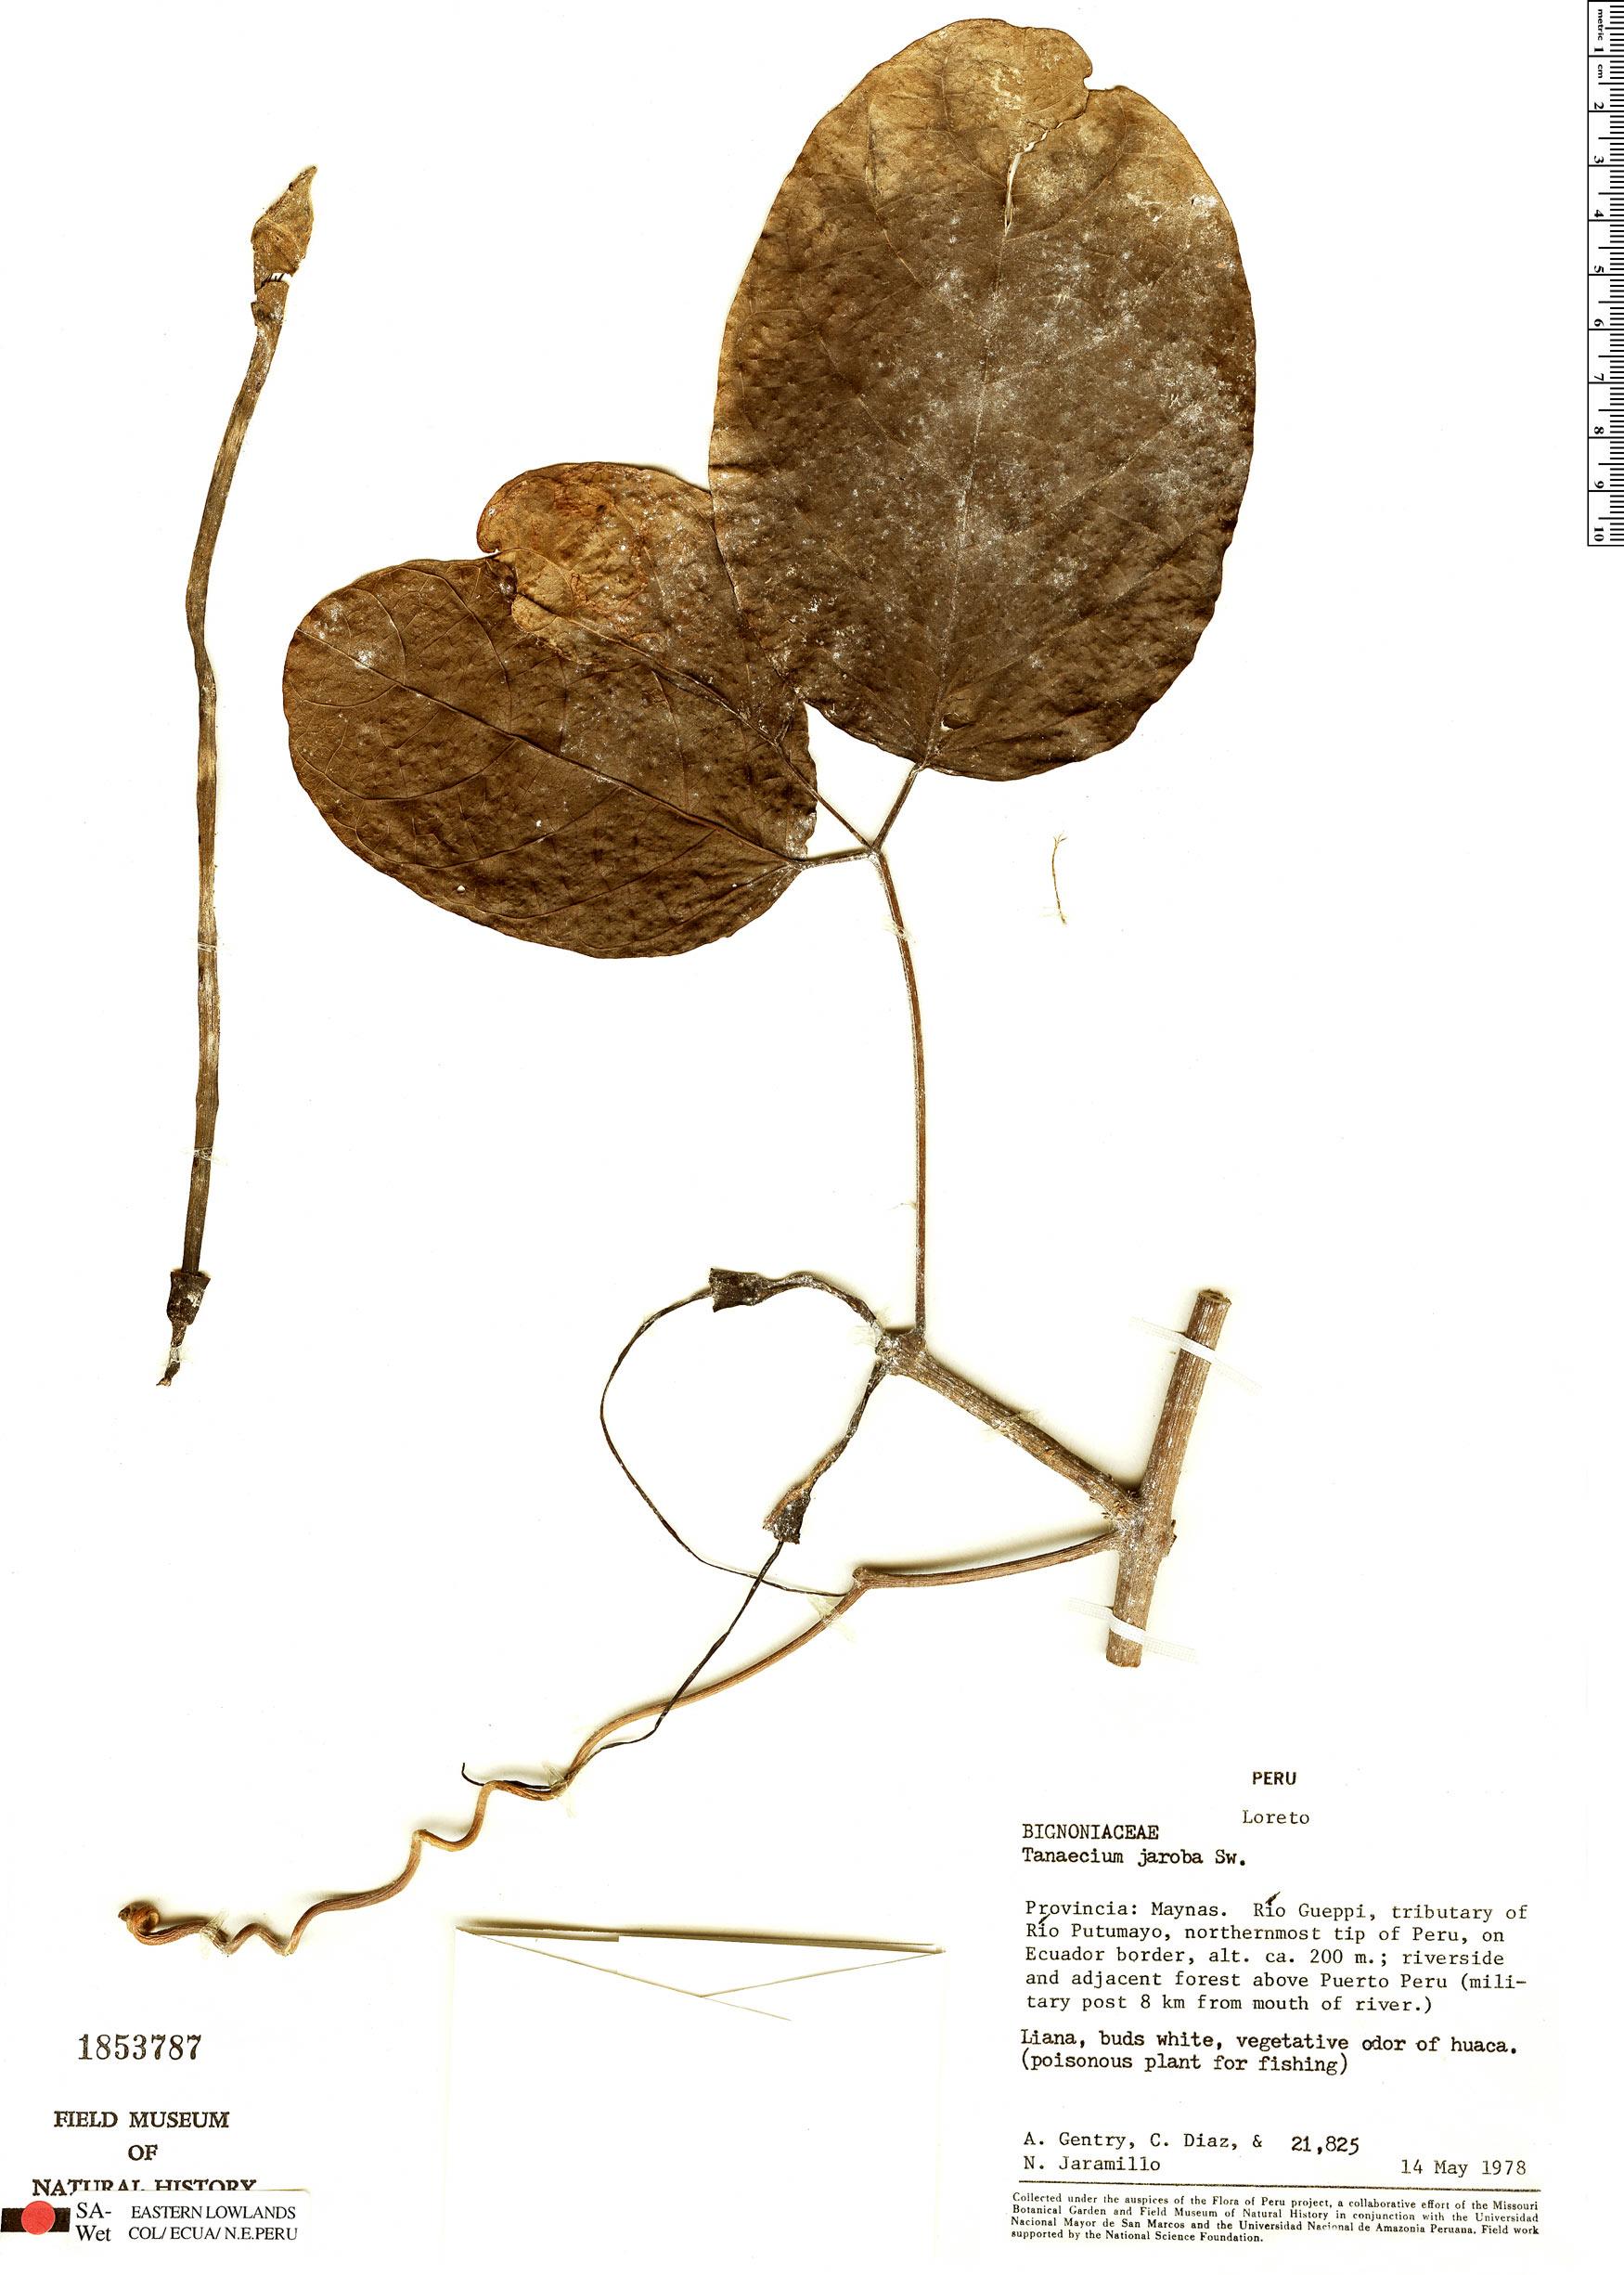 Specimen: Tanaecium jaroba